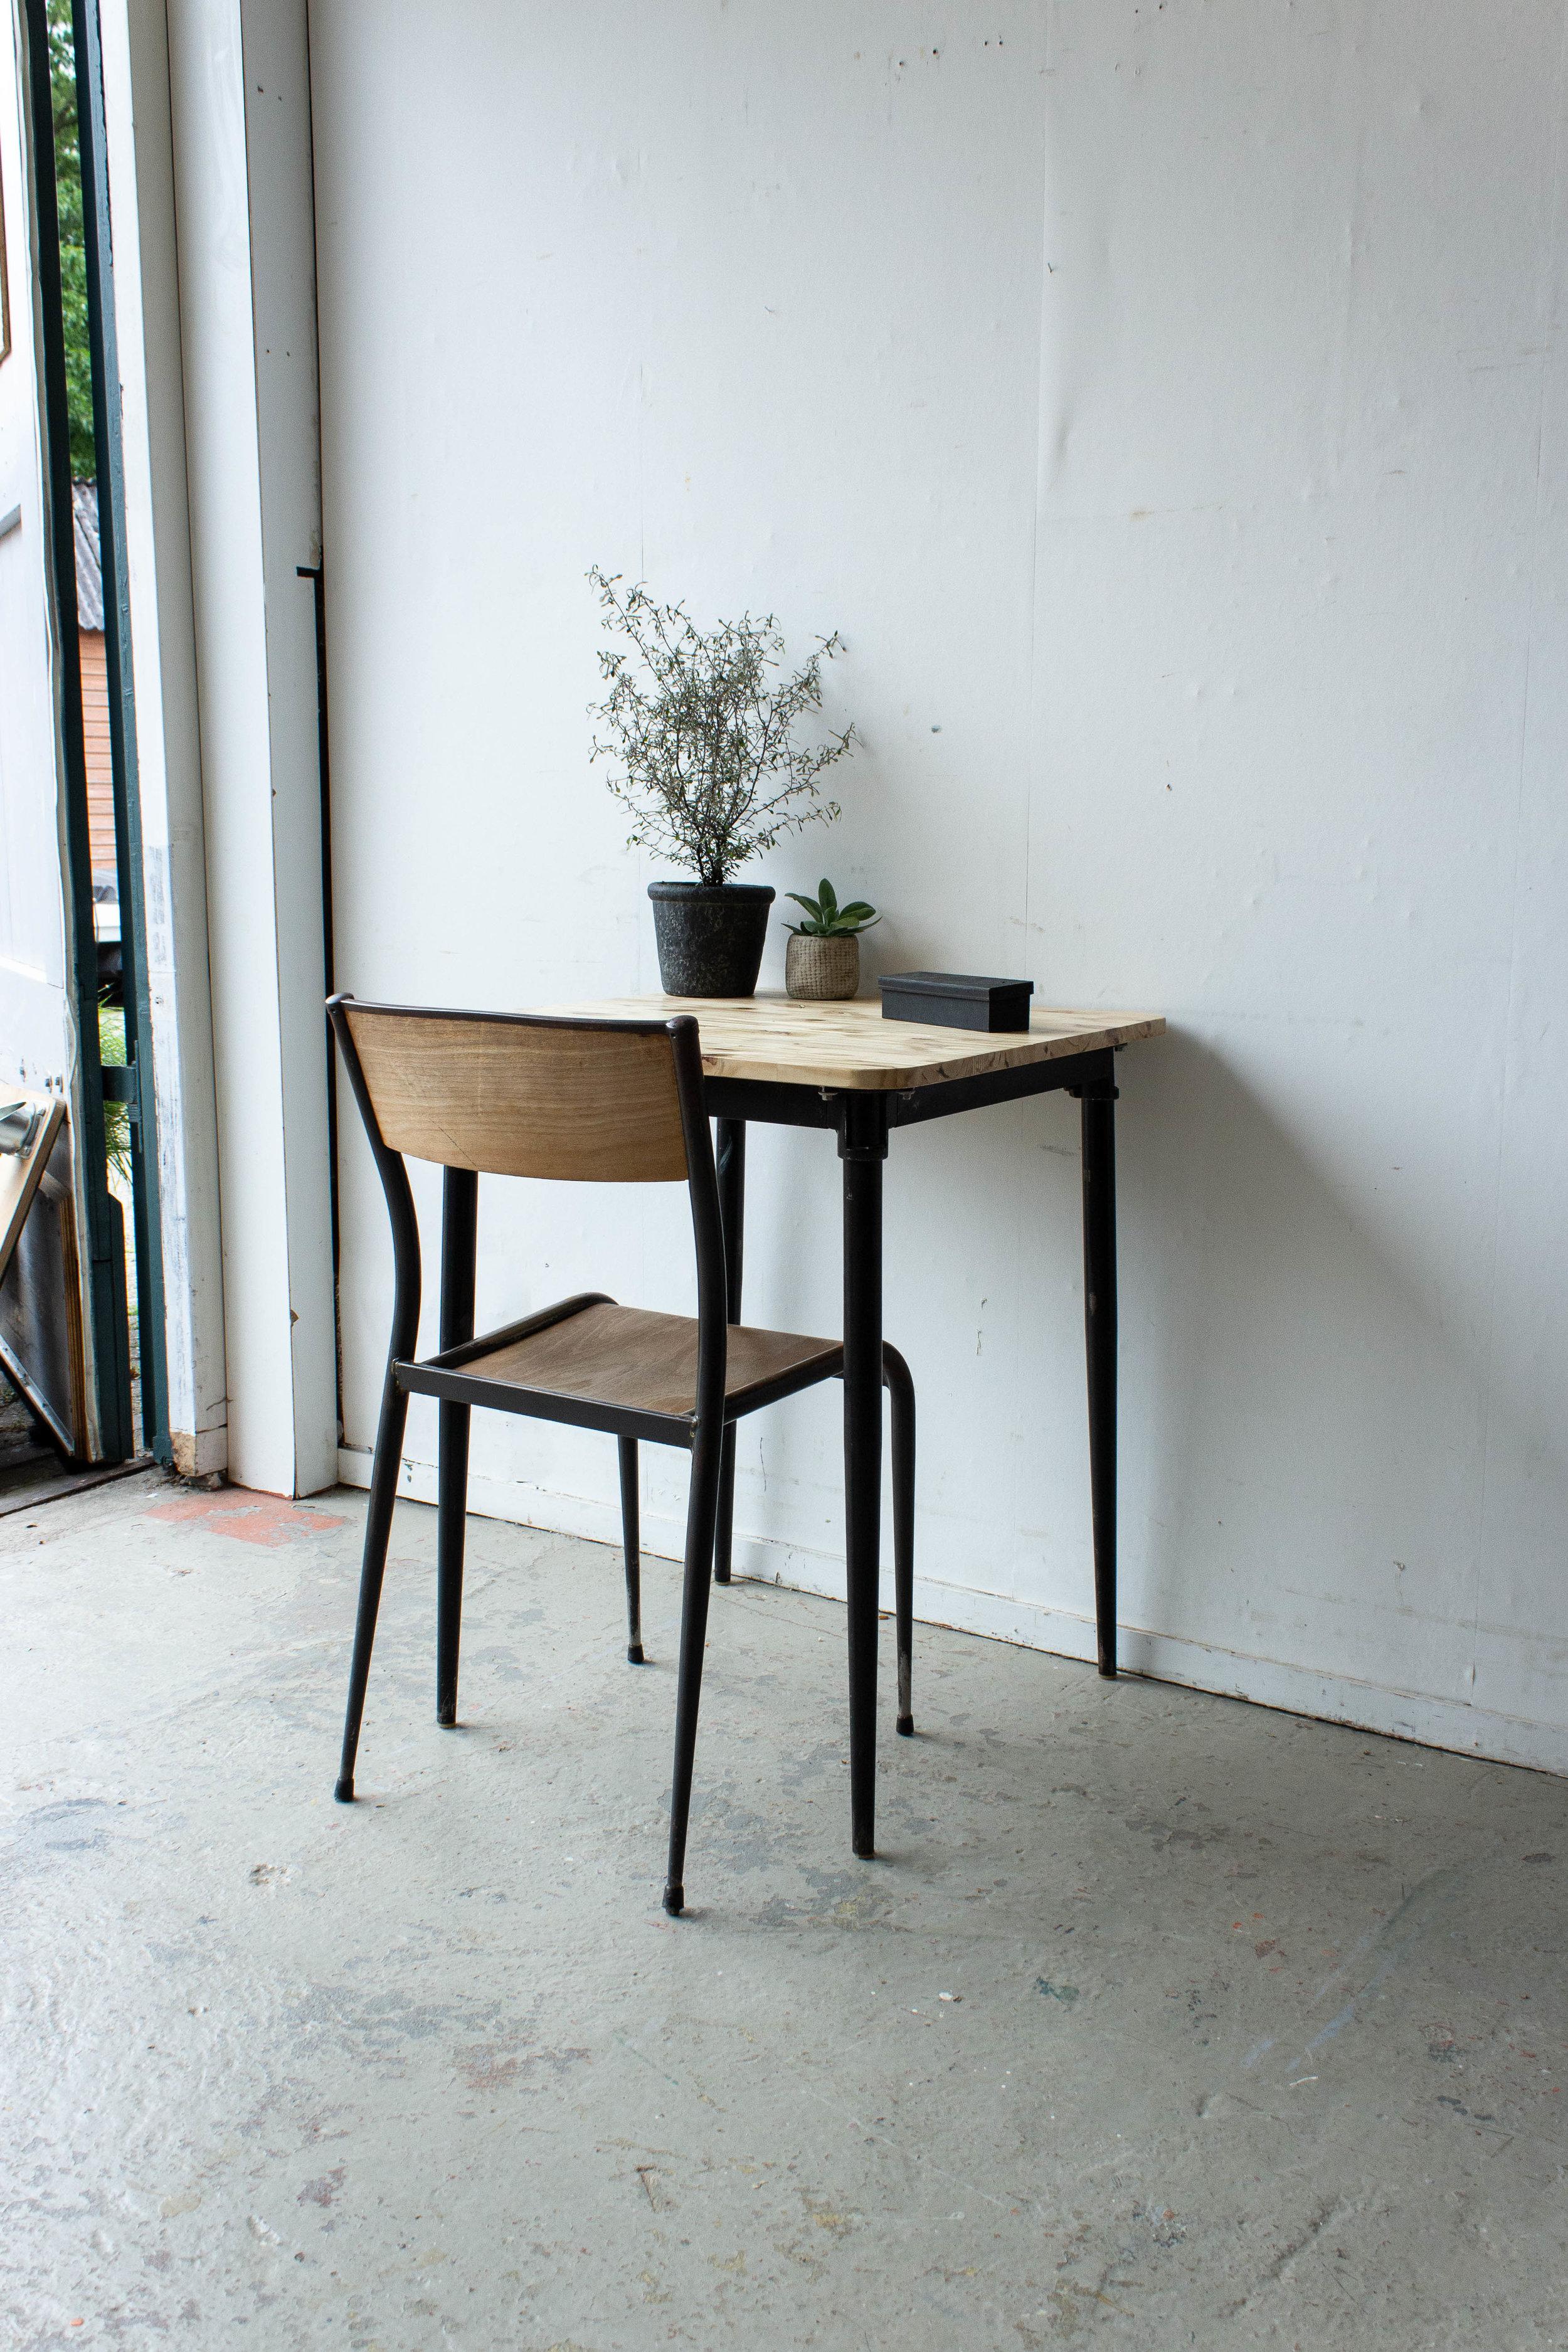 3189 - Eenpersoons schooltafel met zwarte puntpootjes-5.jpg